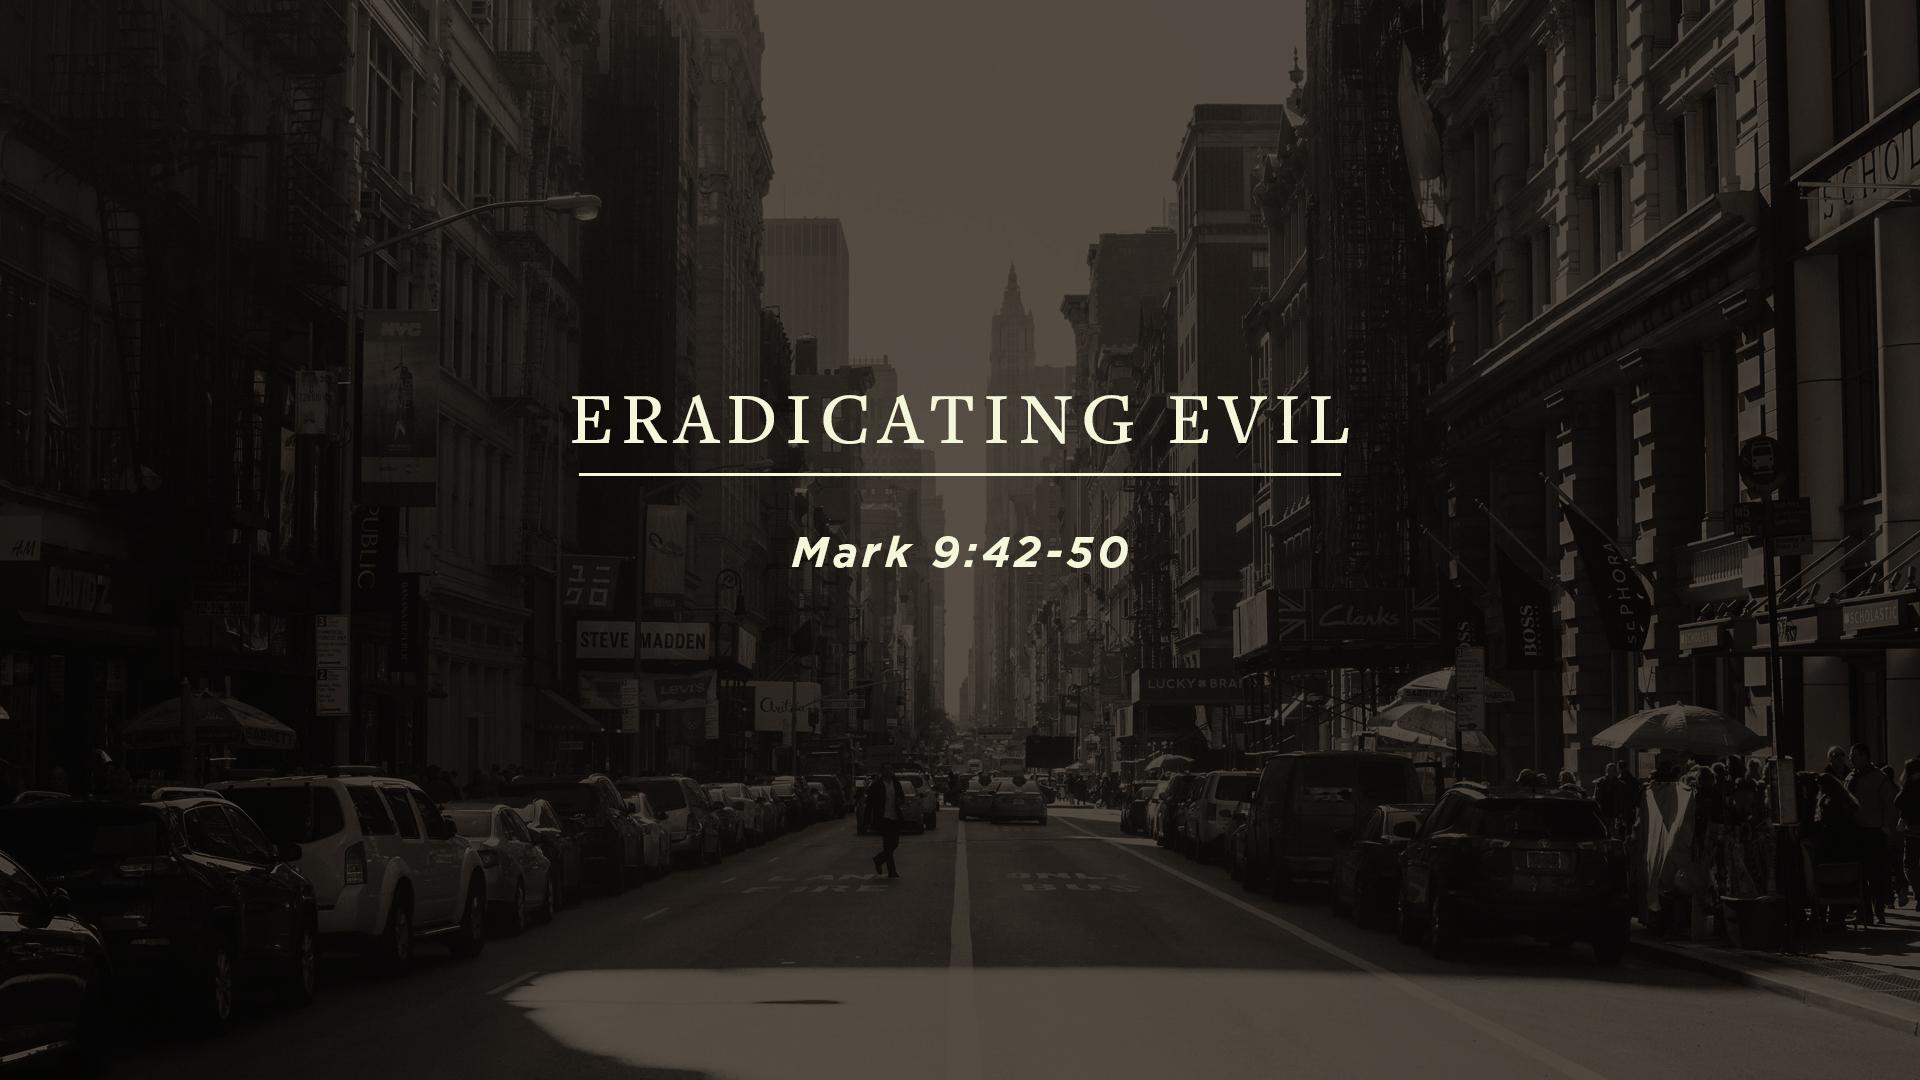 Eradicating Evil